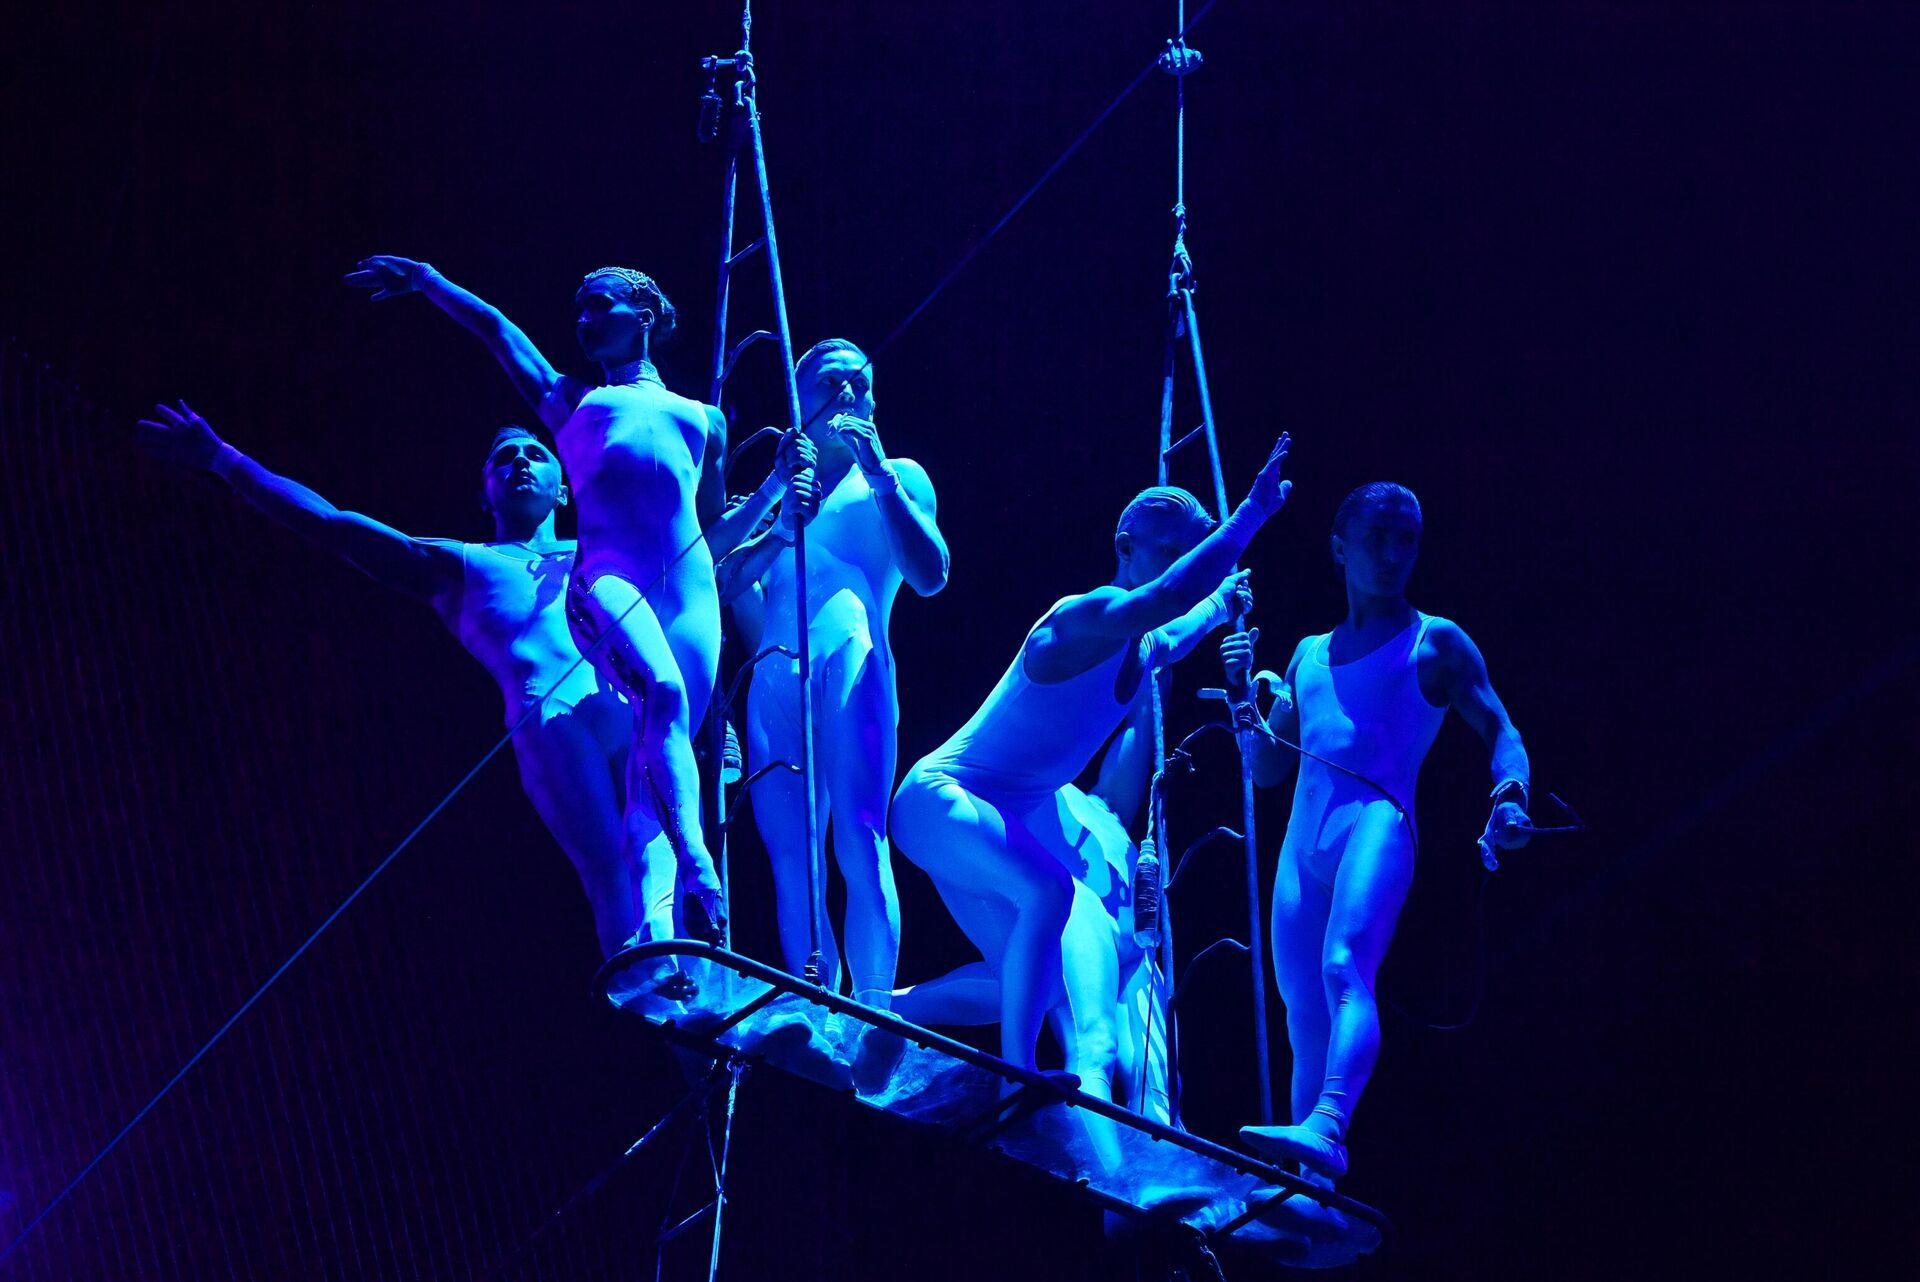 Воздушный полет Аэростат под руководством Вилена Головко на Всемирном фестивале циркового искусства Идол - РИА Новости, 1920, 28.04.2021